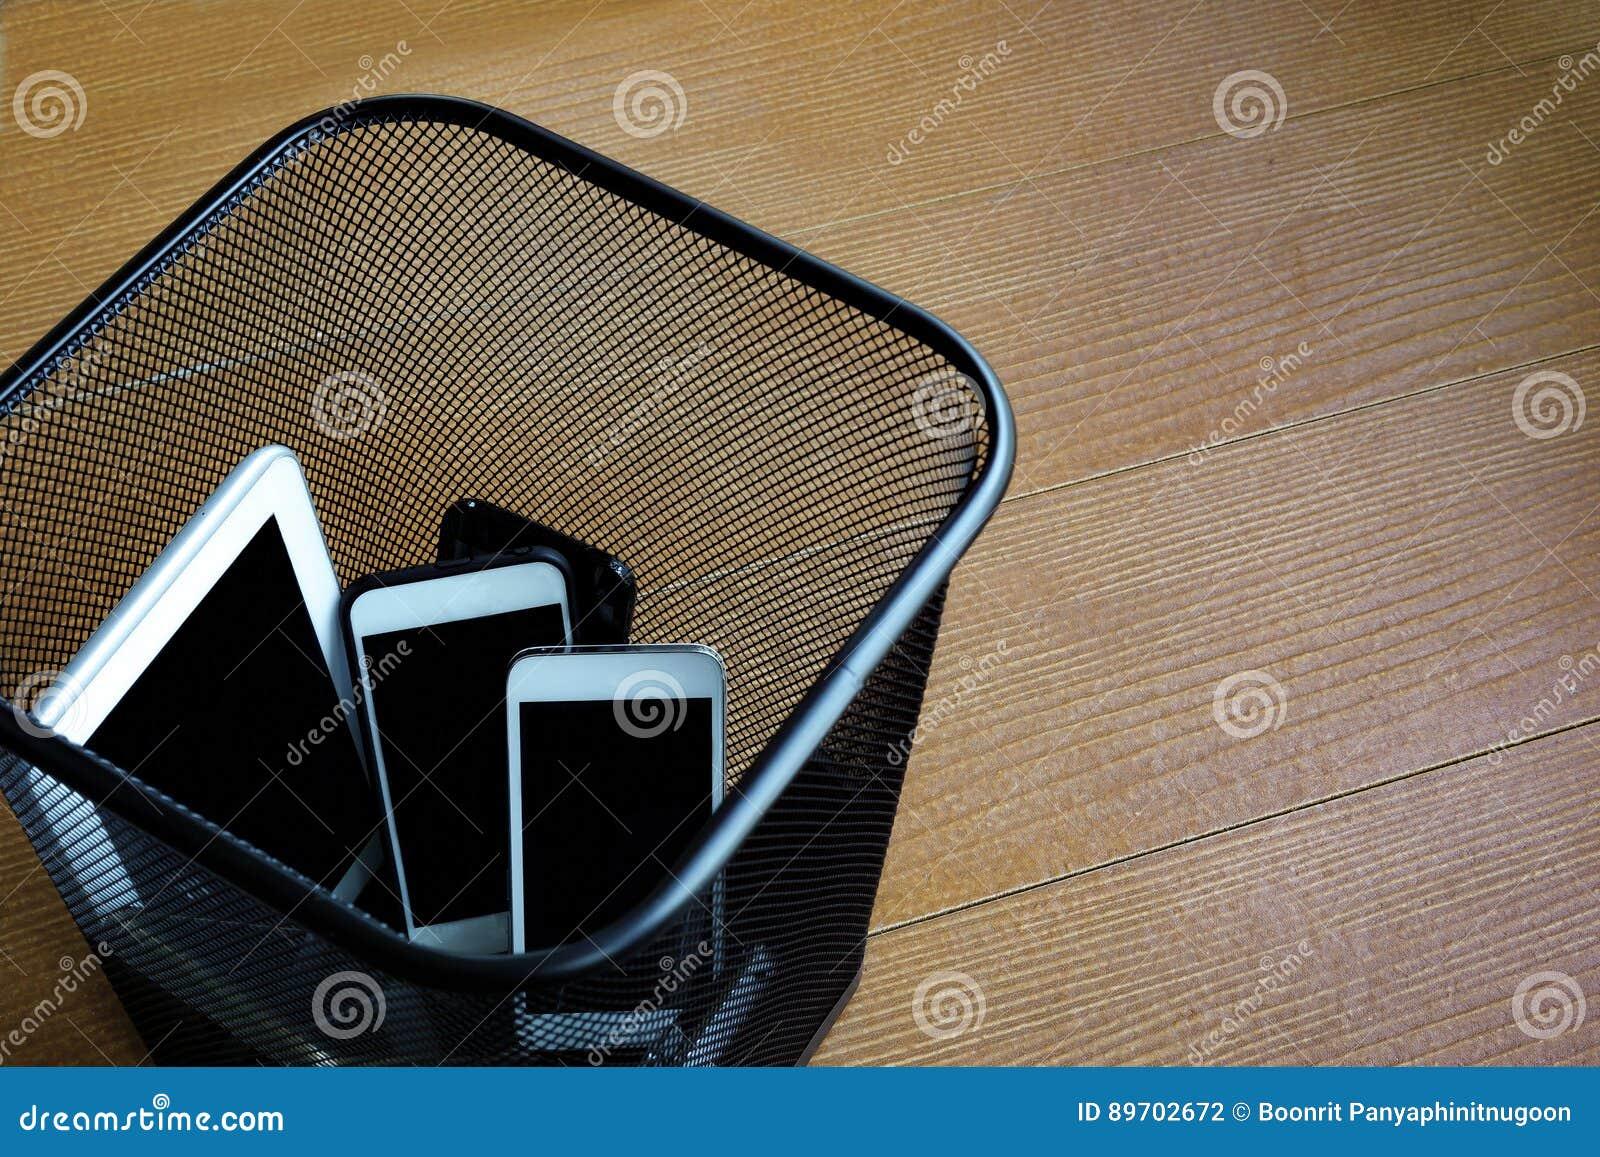 Smartphones no escaninho de lixo